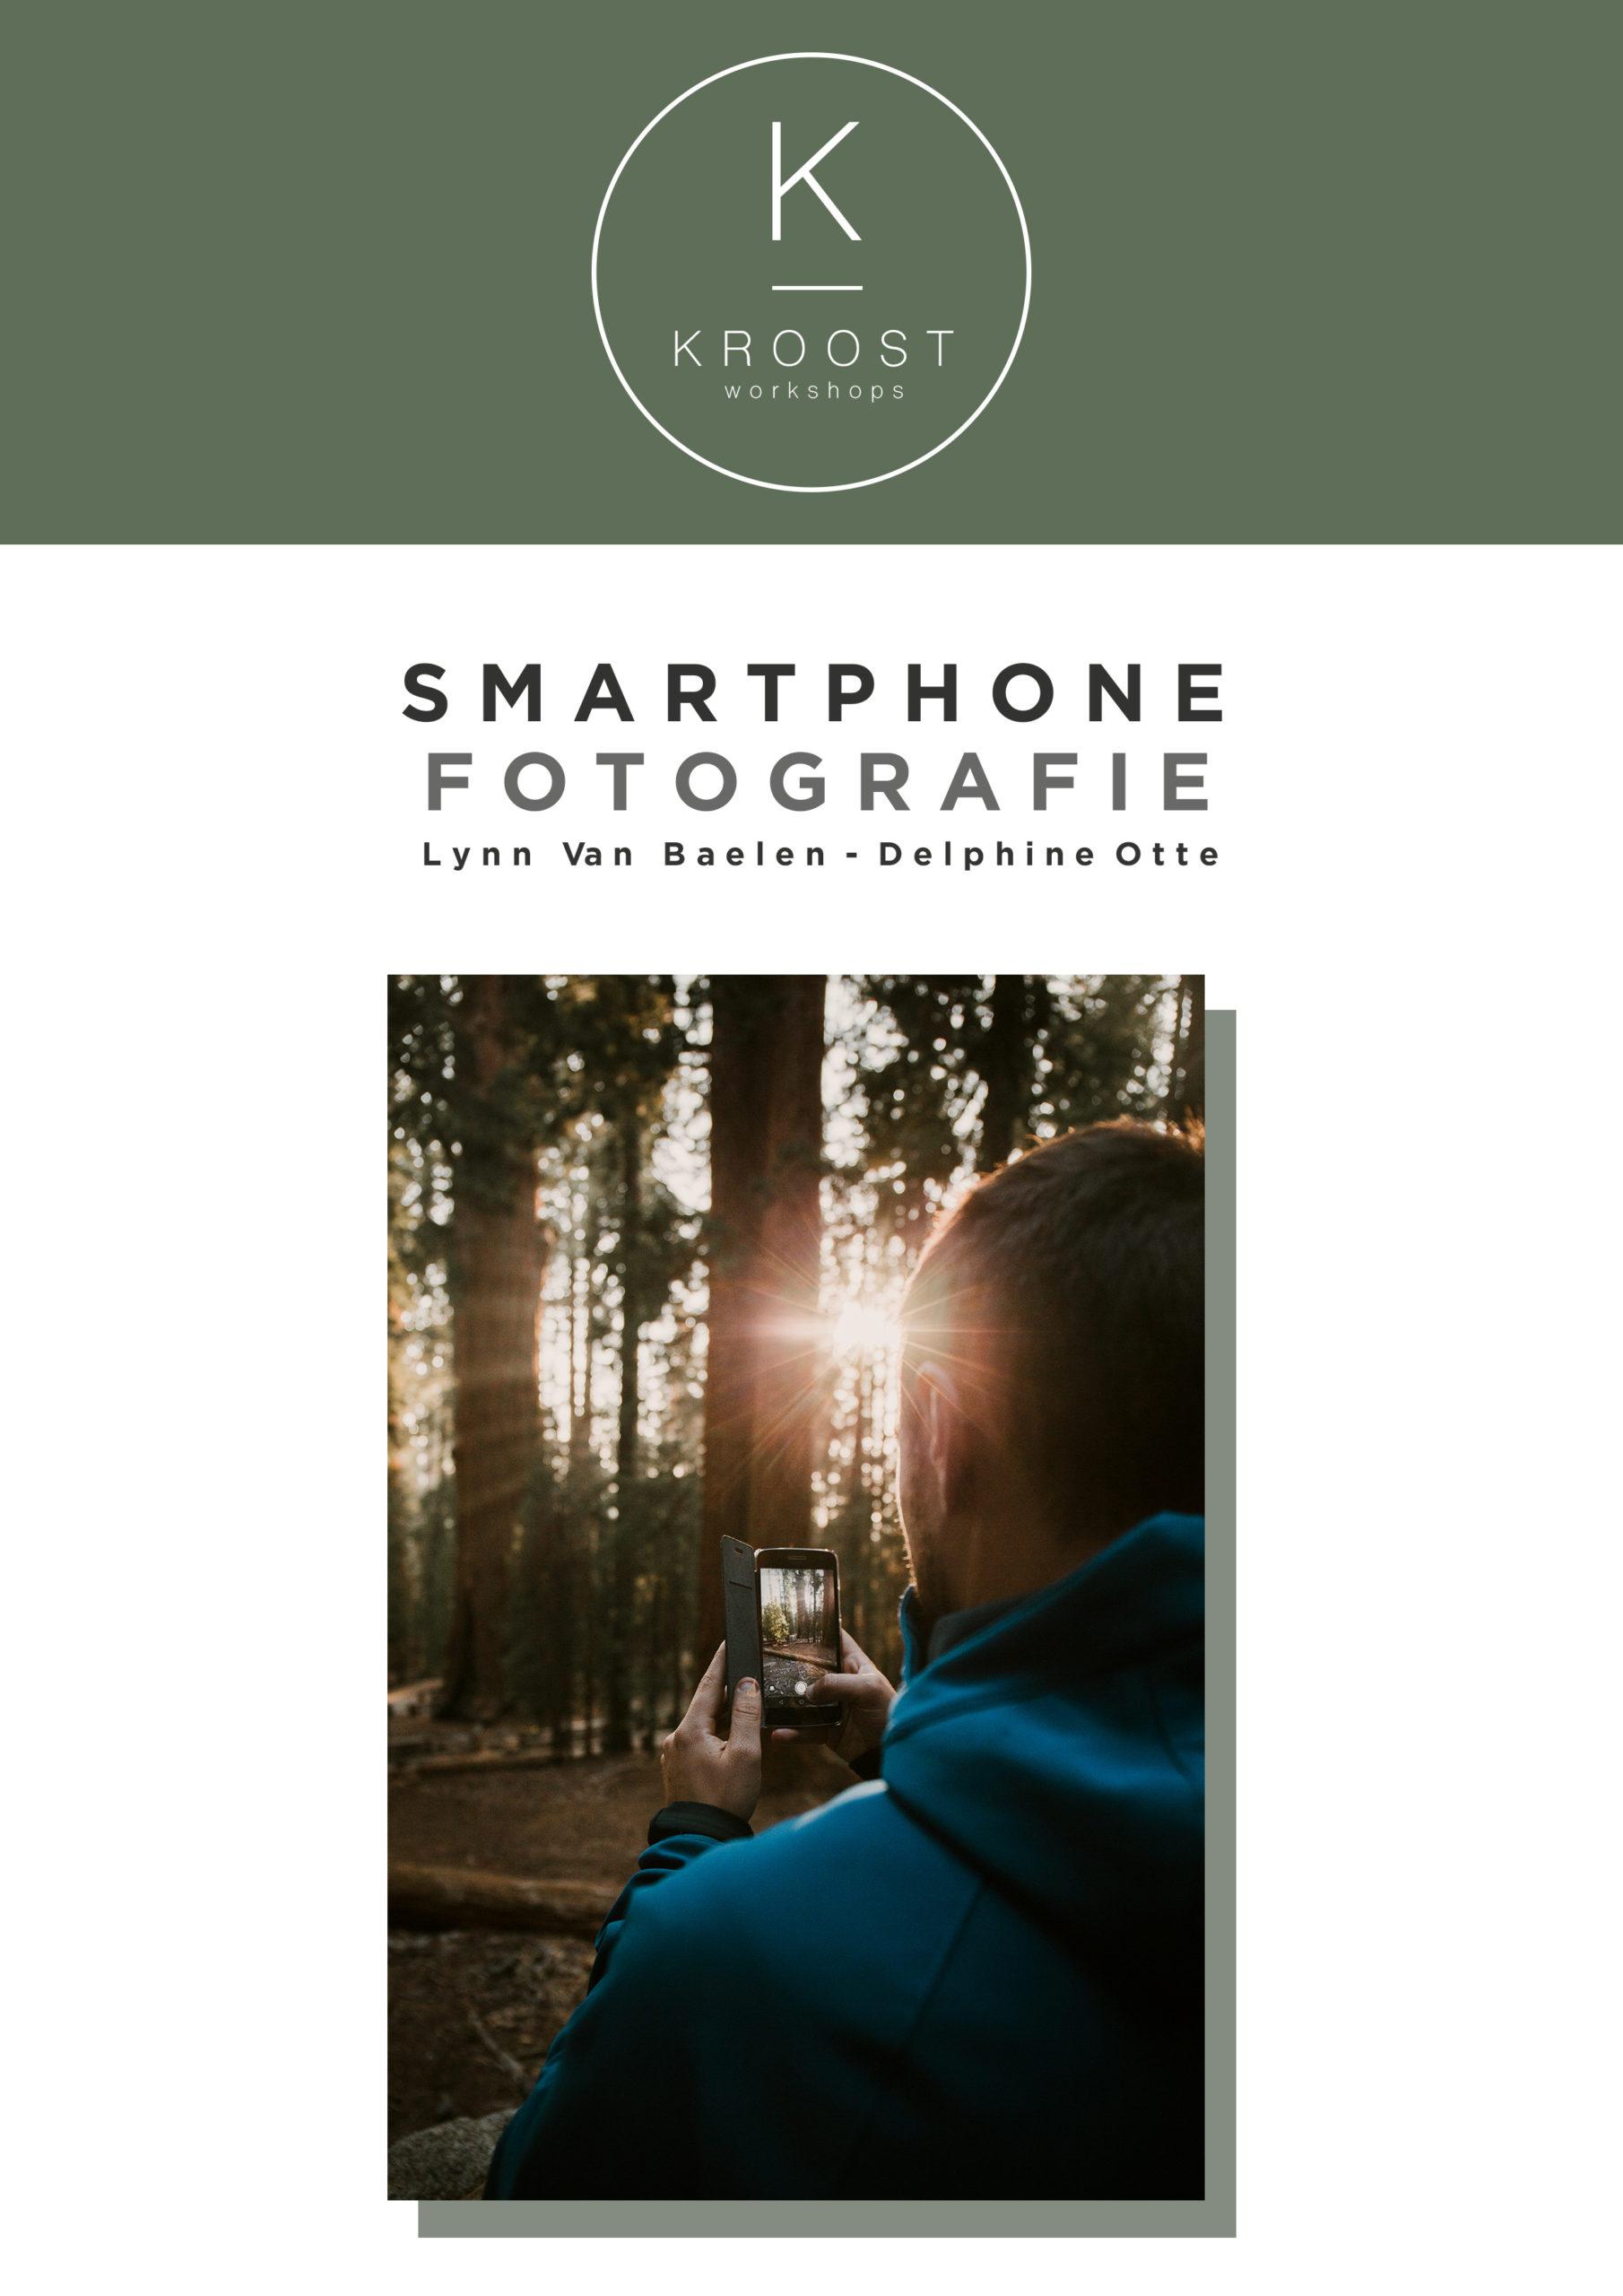 Leer de kneepjes van smartphone fotografie met de online cursussen van Kroost